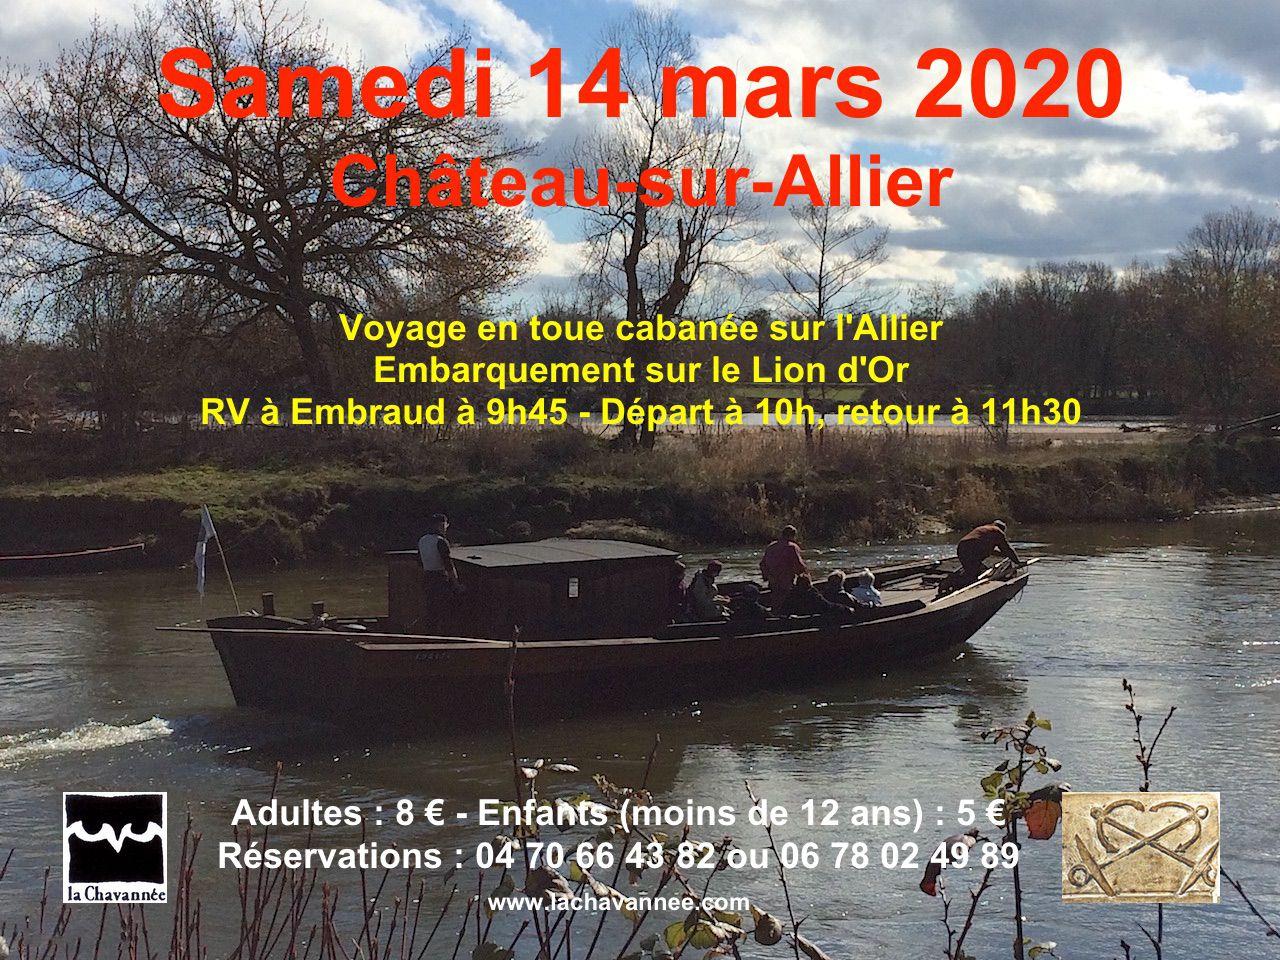 Entrez en bateau le samedi 14 mars 2020